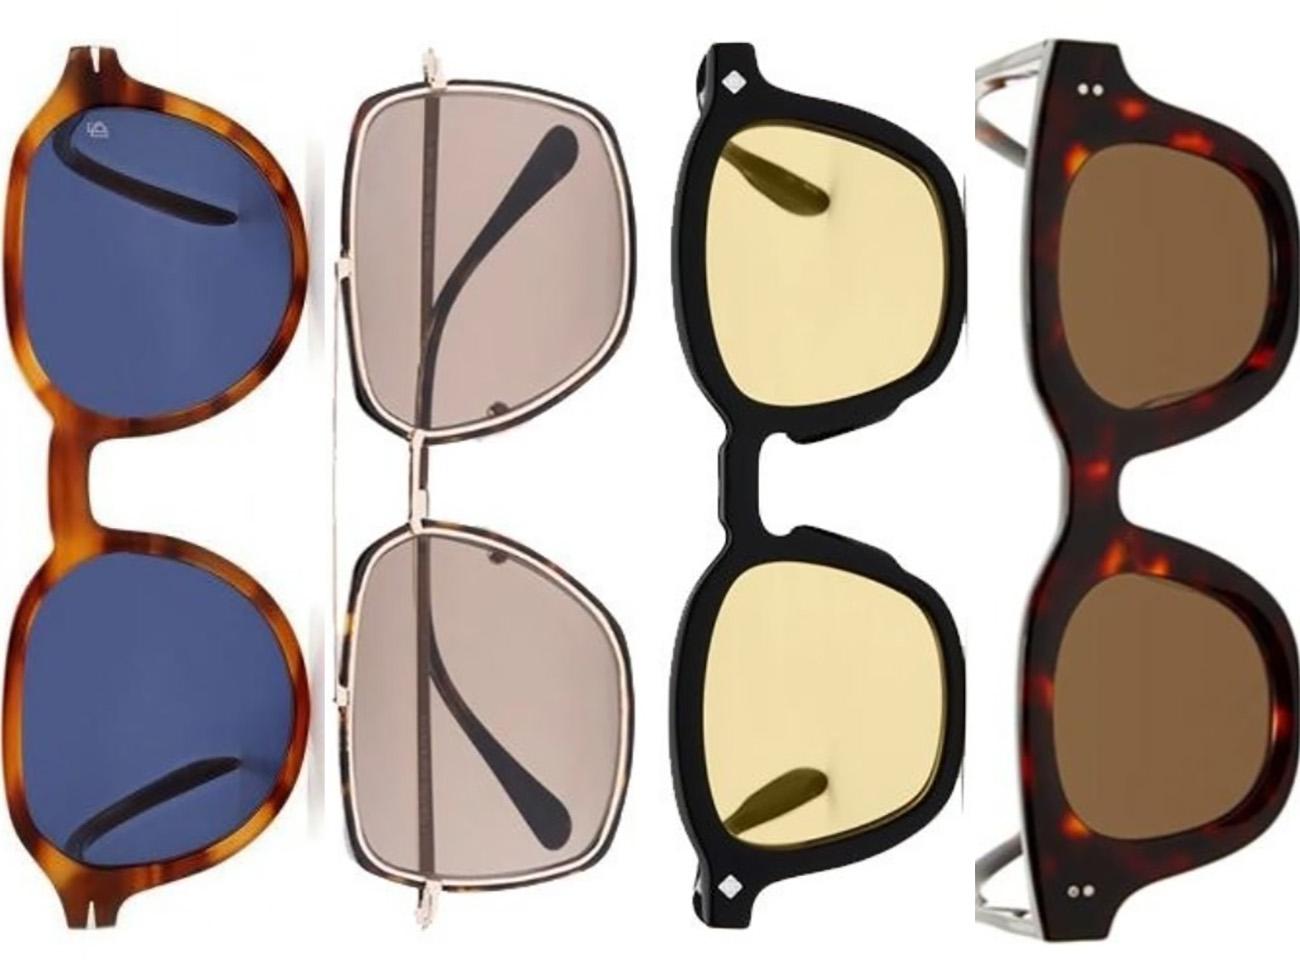 Βρήκαμε 10+1 γυαλιά ηλίου που θα φορεθούν πολύ αυτό το καλοκαίρι